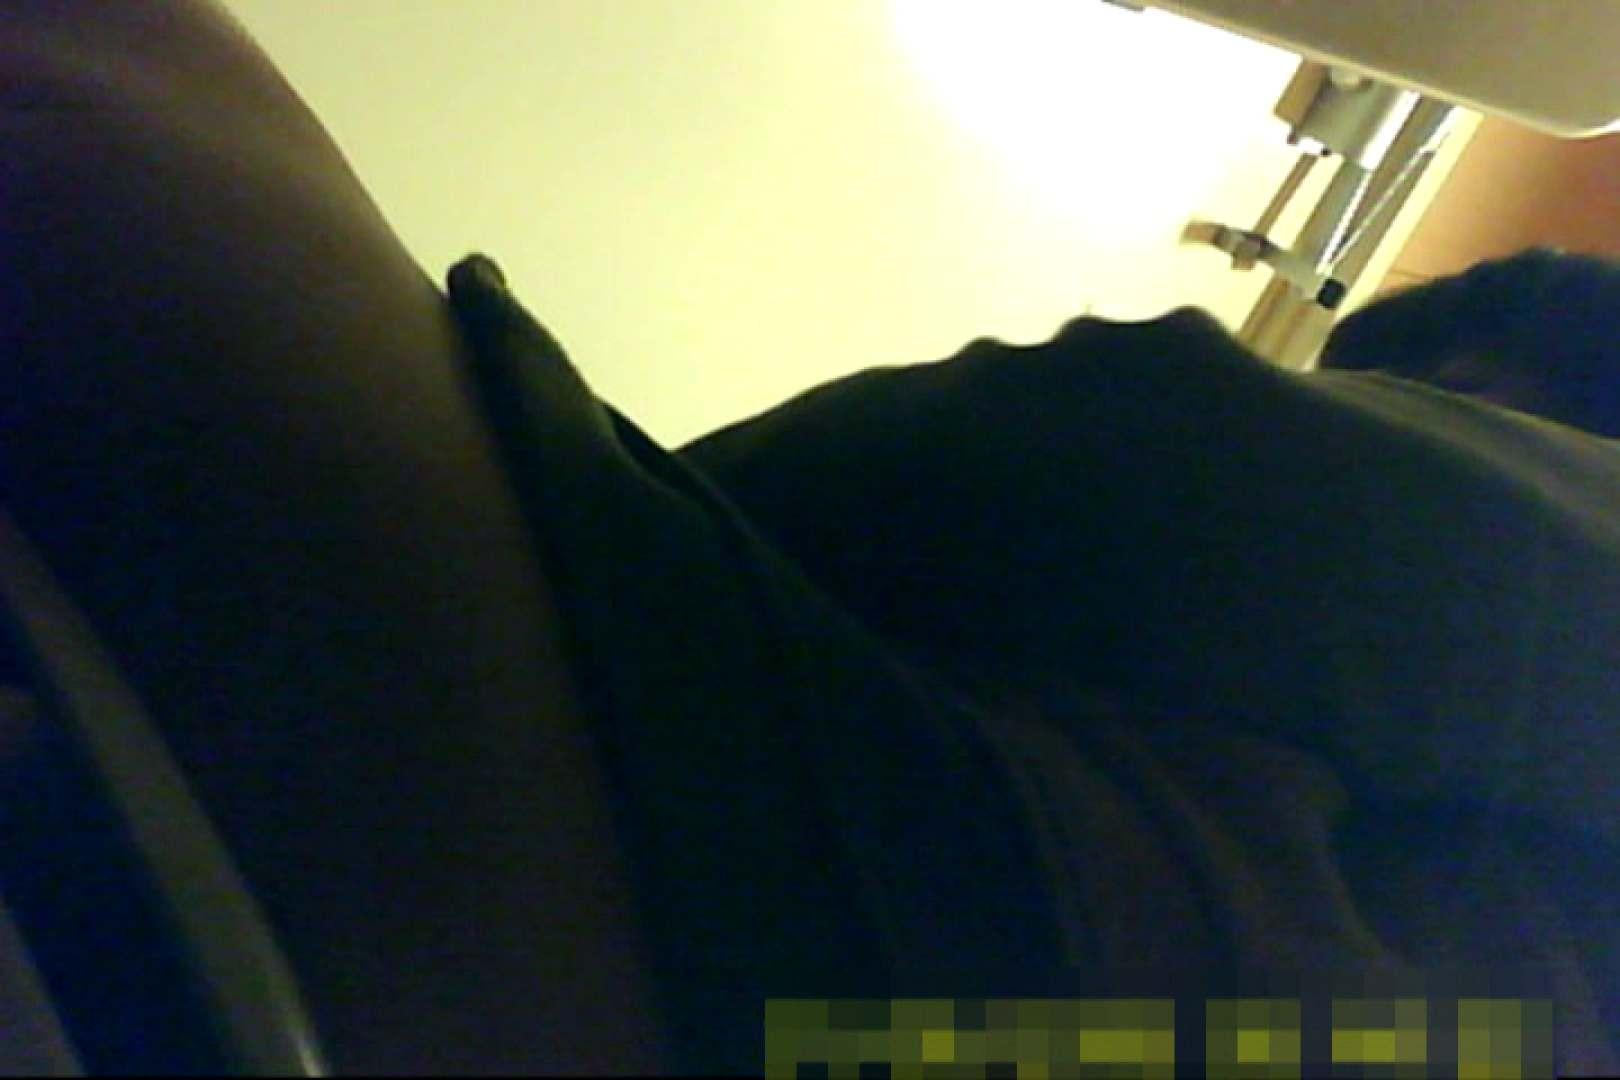 魅惑の化粧室~禁断のプライベート空間~22 お姉さんのエロ生活 オマンコ無修正動画無料 106連発 75